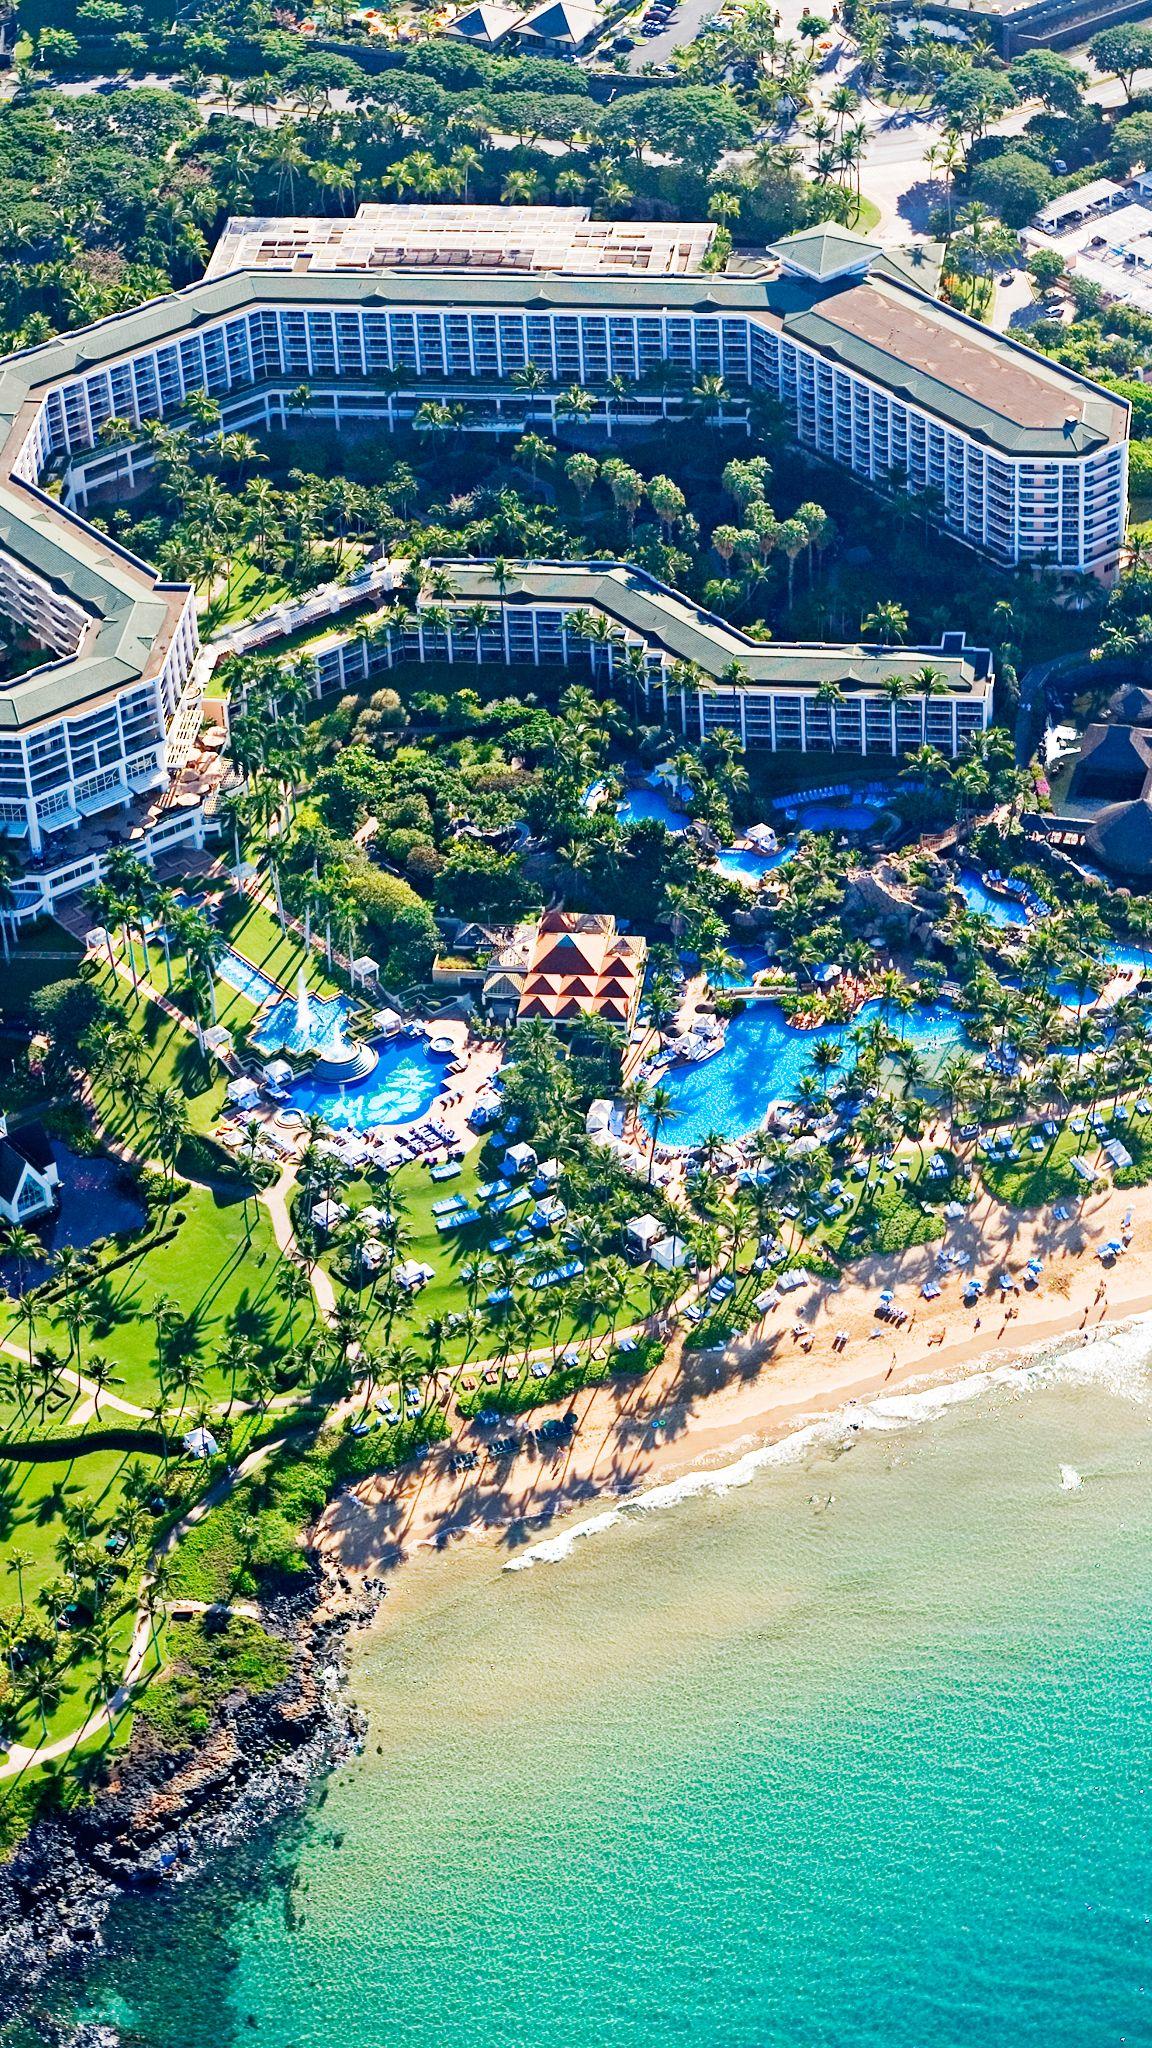 Grand Wailea, A Waldorf Astoria Resort (Wailea, HI In 2020